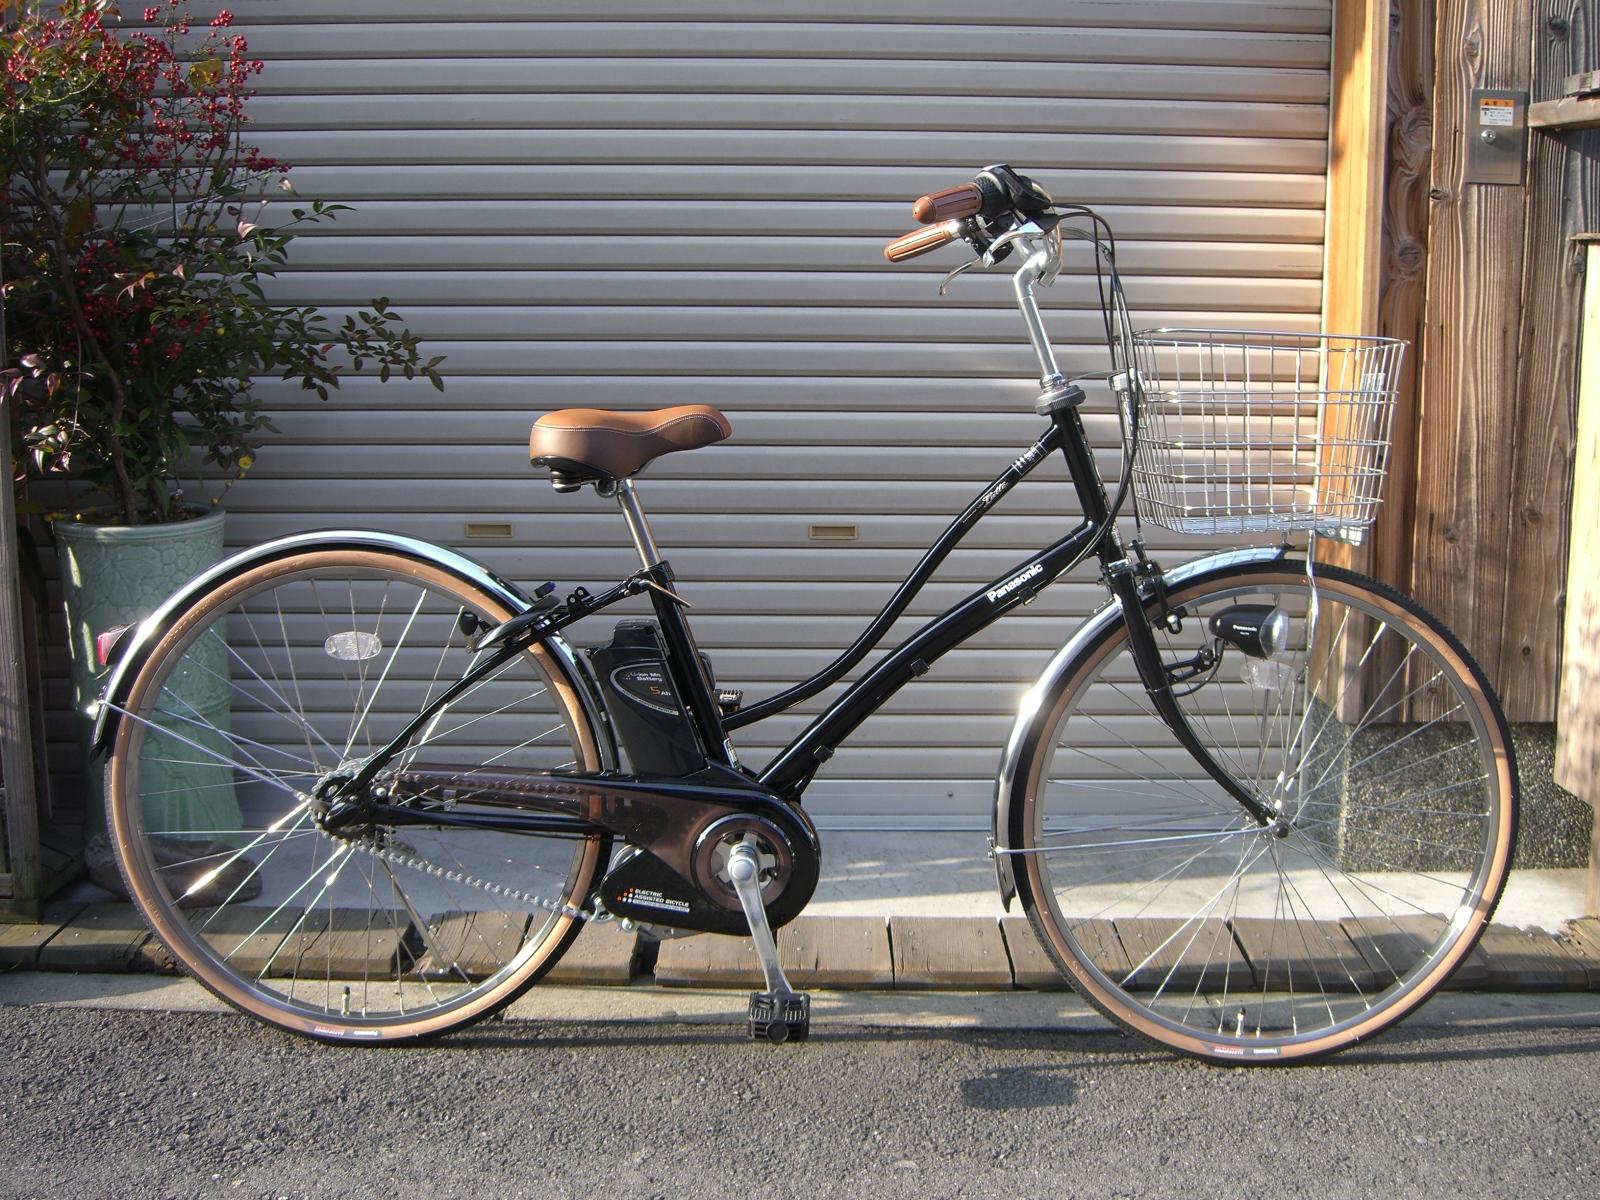 自転車の 自転車 写真 : ... 自転車][ブラック]」の写真